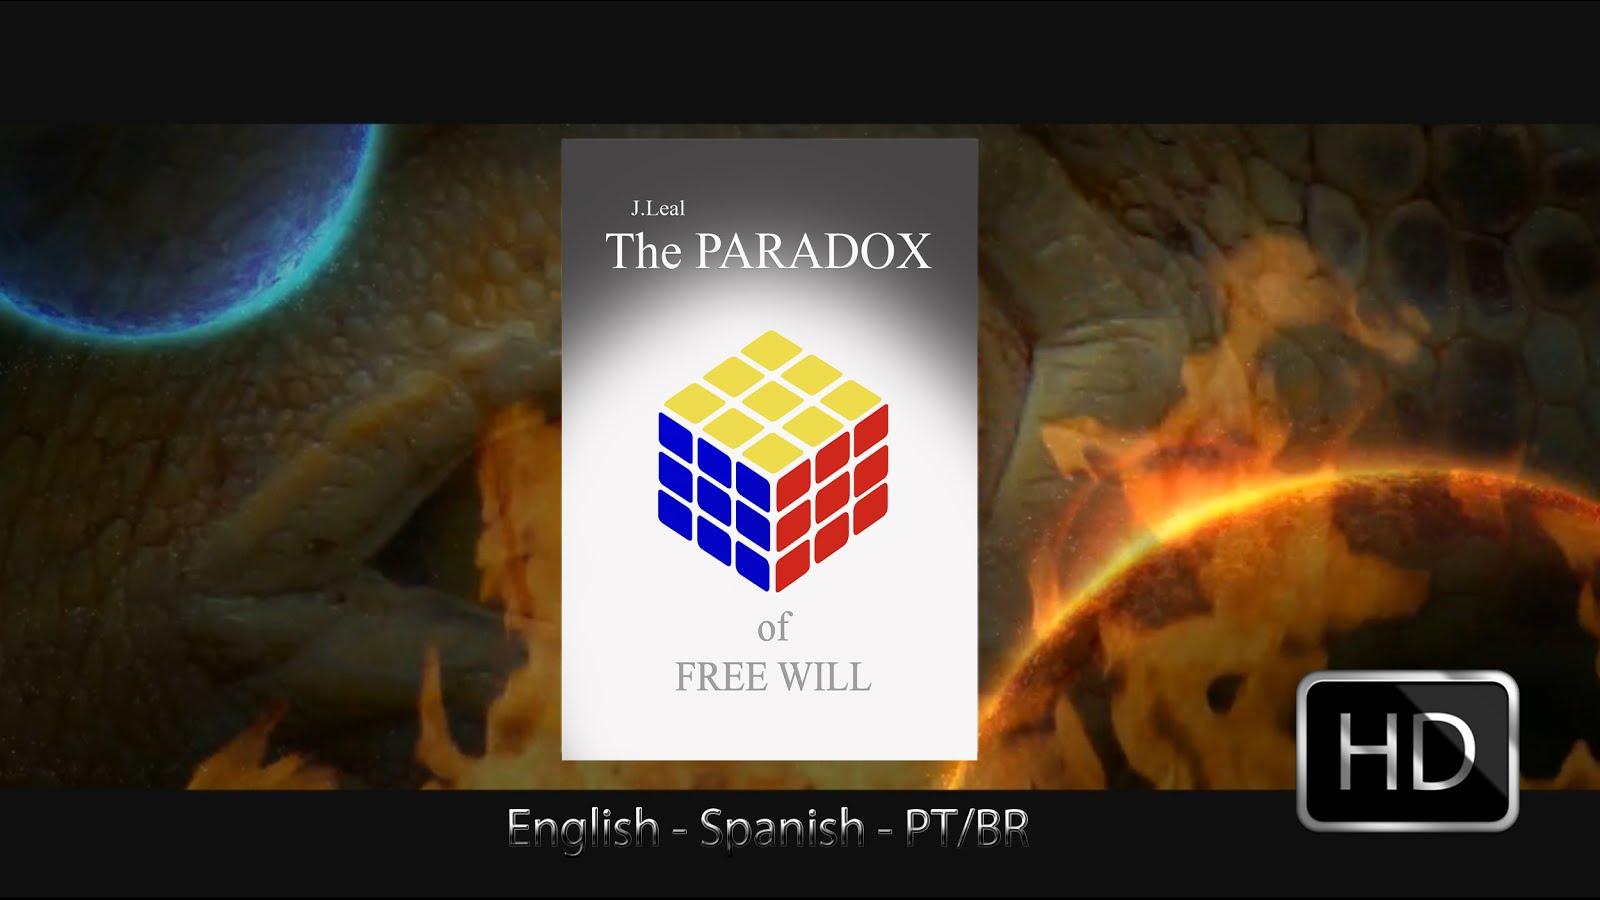 Jleal o paradoxo do livre arbtrio verso em ptbr d3 gwriters veja o vdeo clicando aqui fandeluxe Images